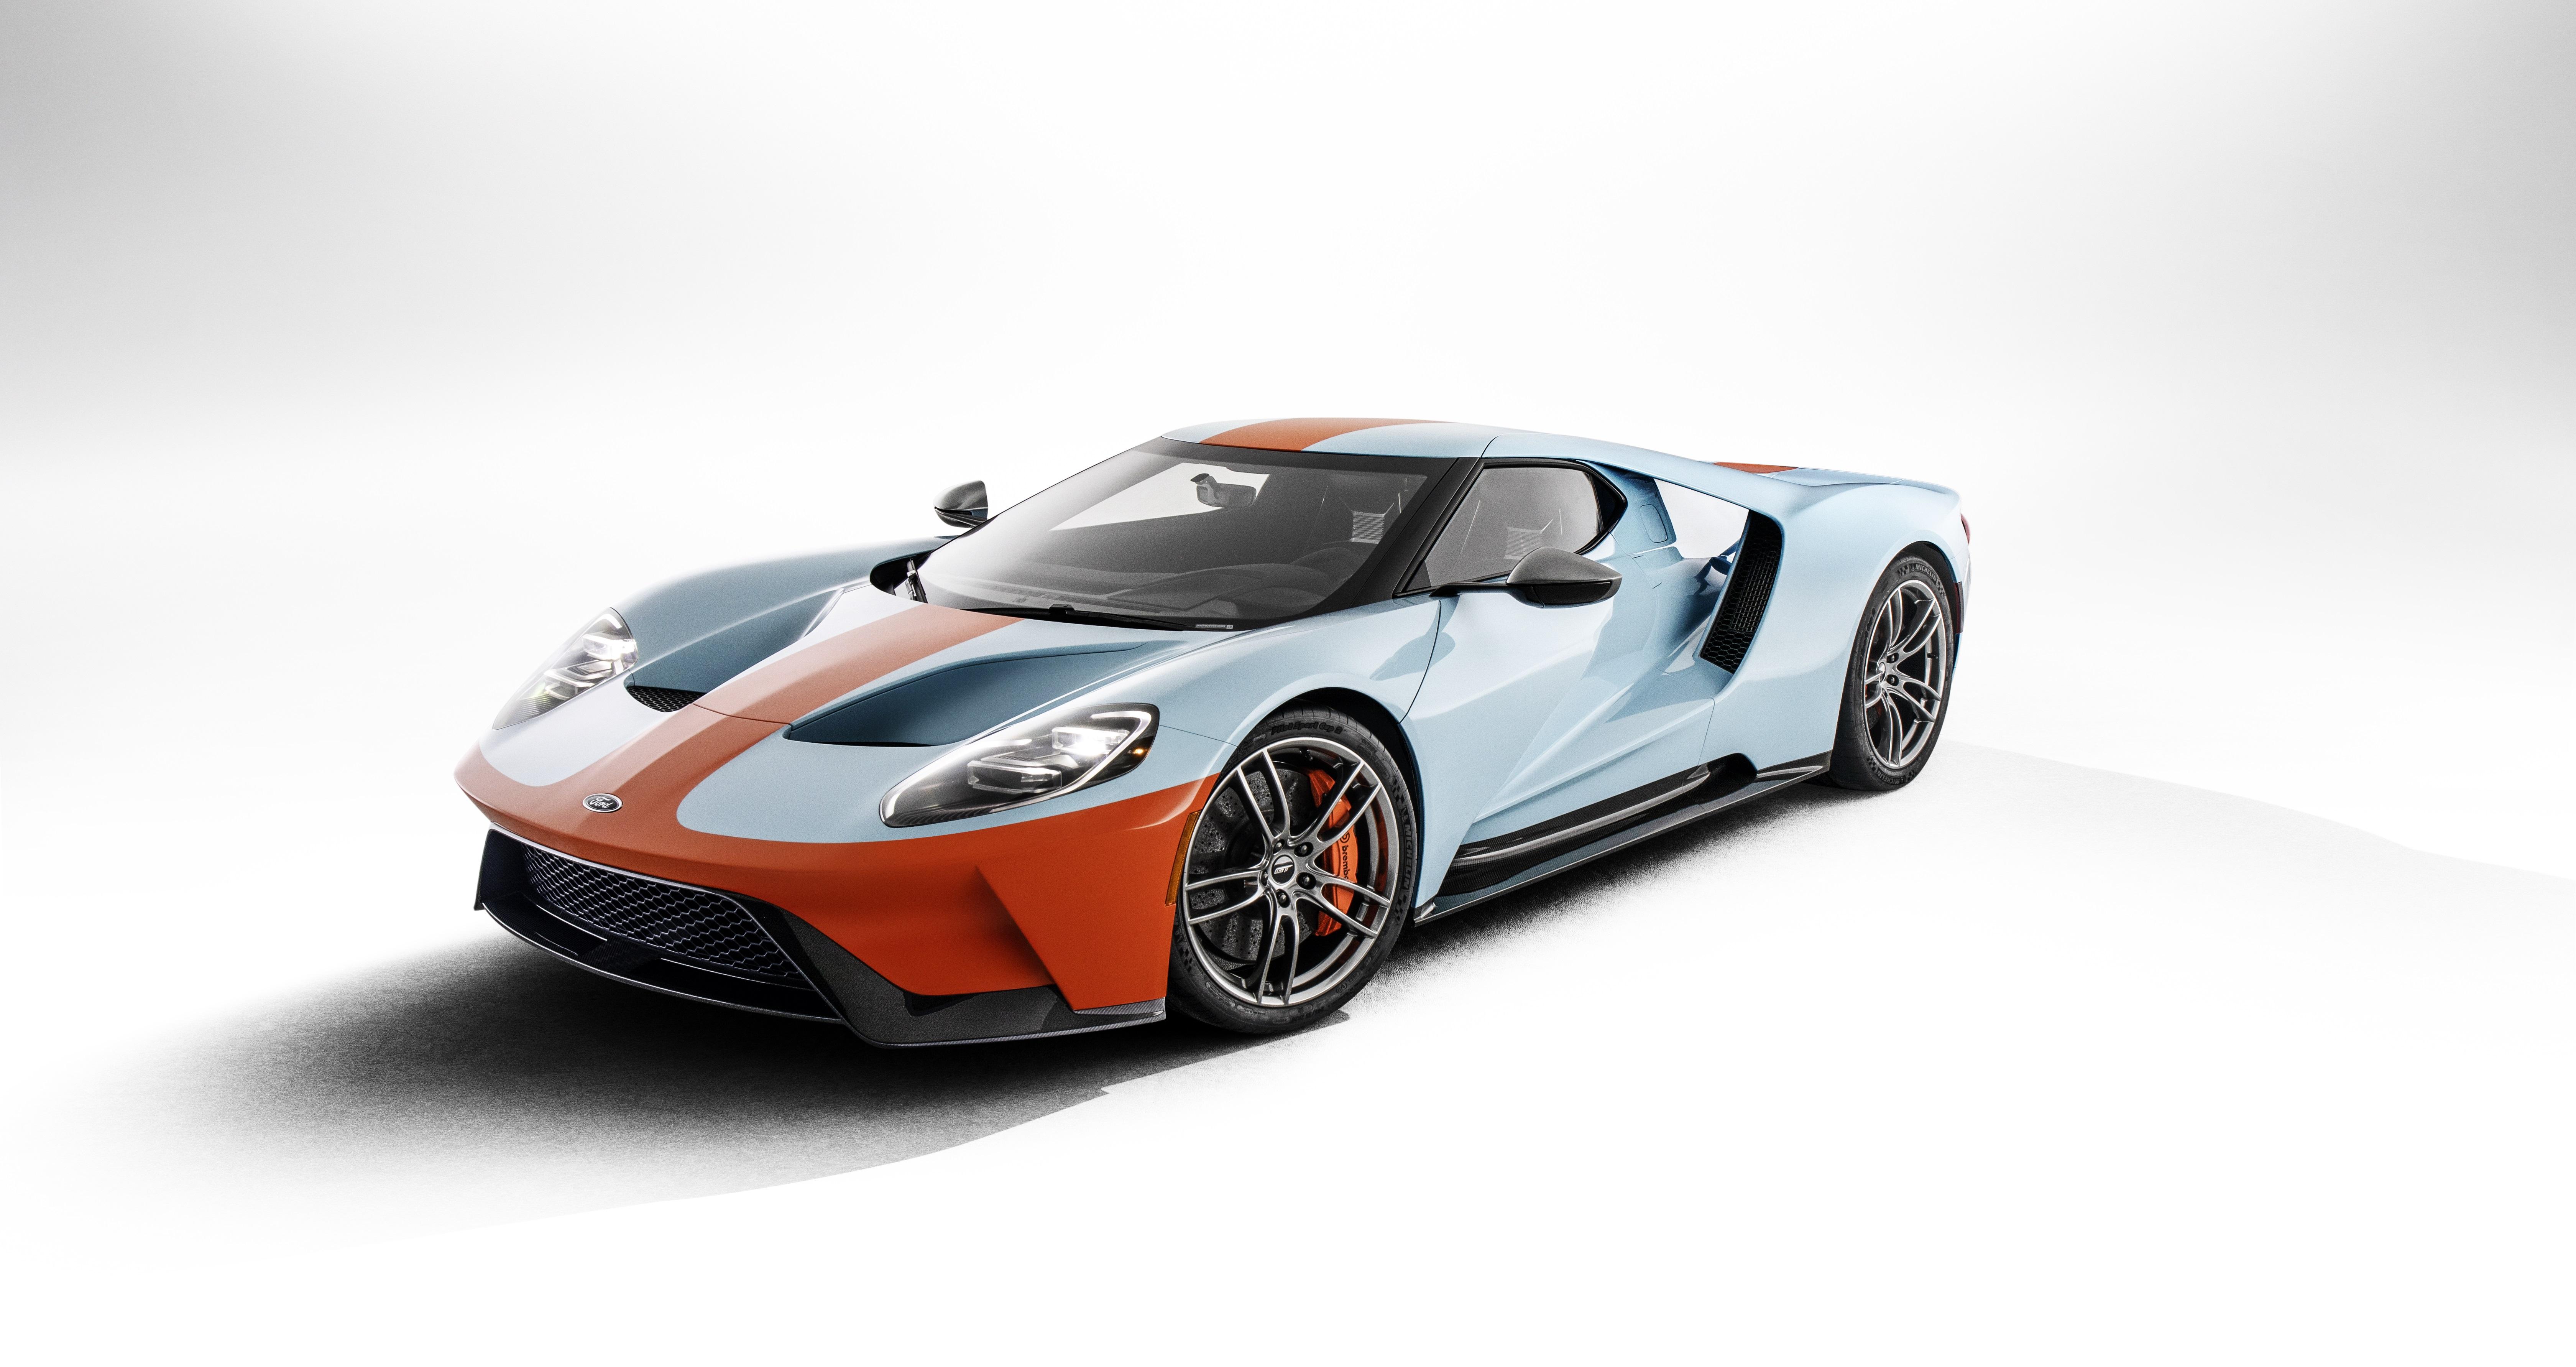 Neues Ford Gt Heritage Editionsmodell Ehrt Das Beruhmteste Farbschema Der Motorsport Geschichte Weiterer